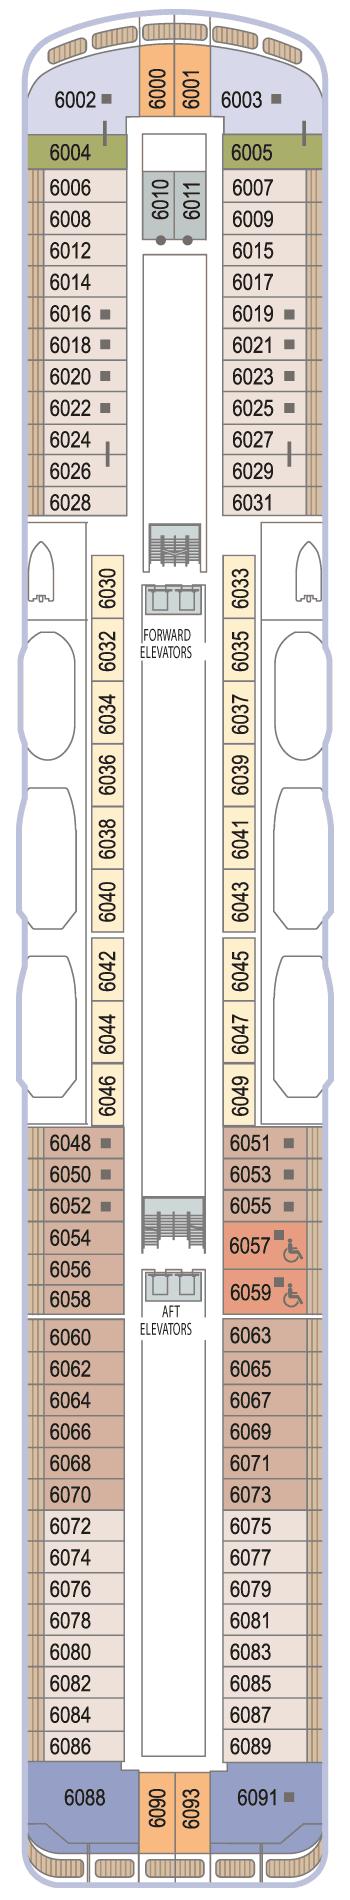 Azamara Journey - Deck 6